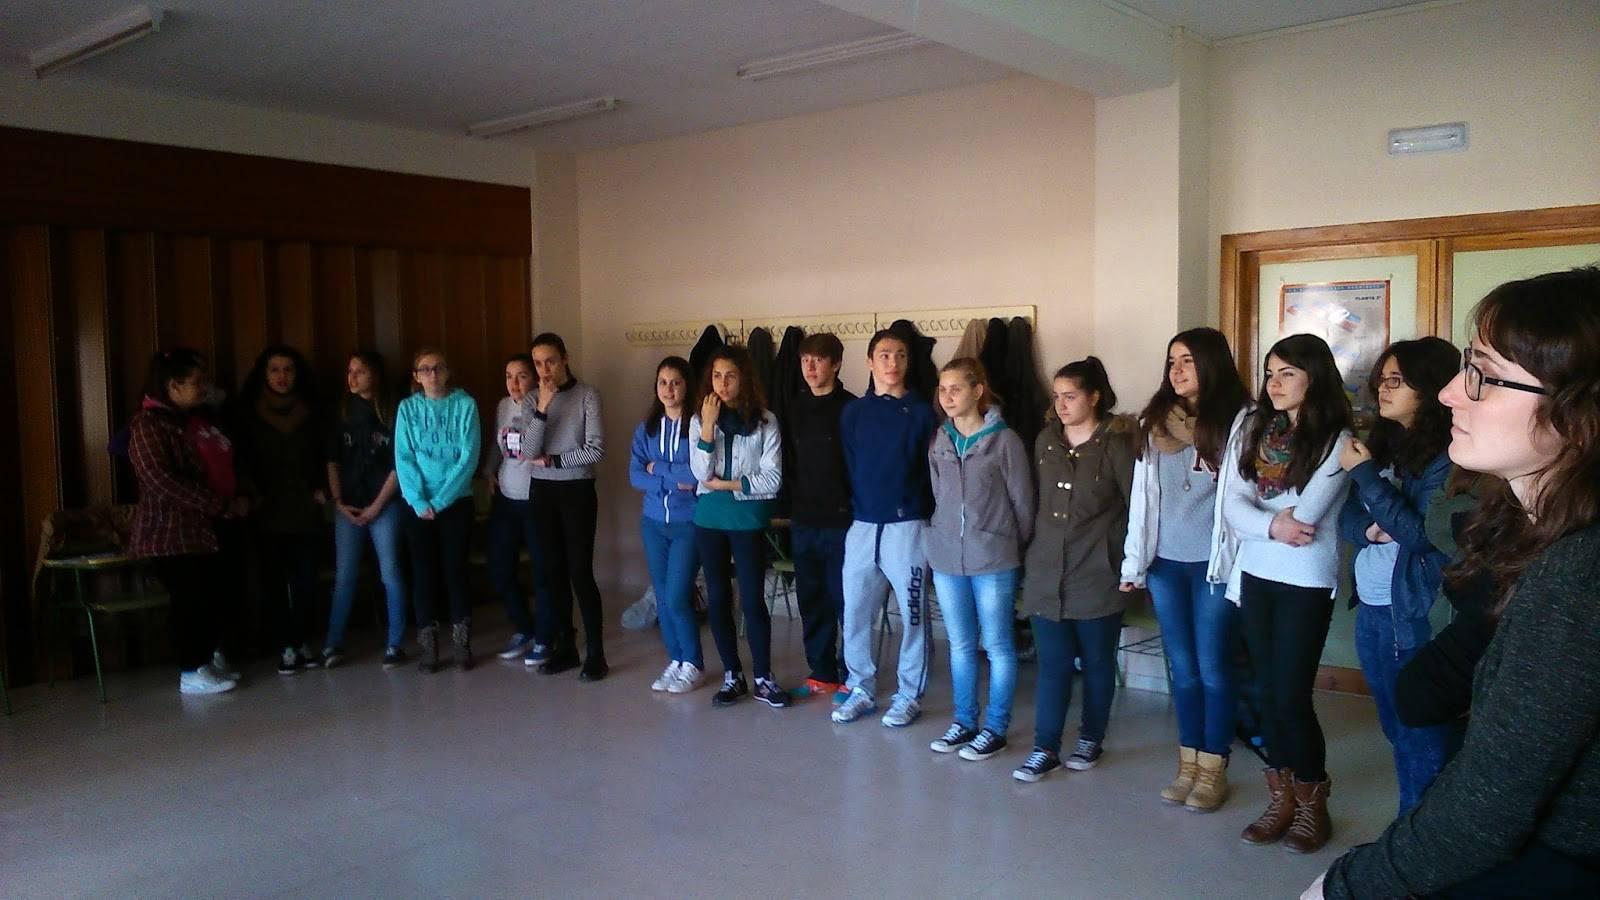 DSC 4408 - Anthropos celebra una jornada de educación medioambiental en el IES Hermógenes Rodríguez